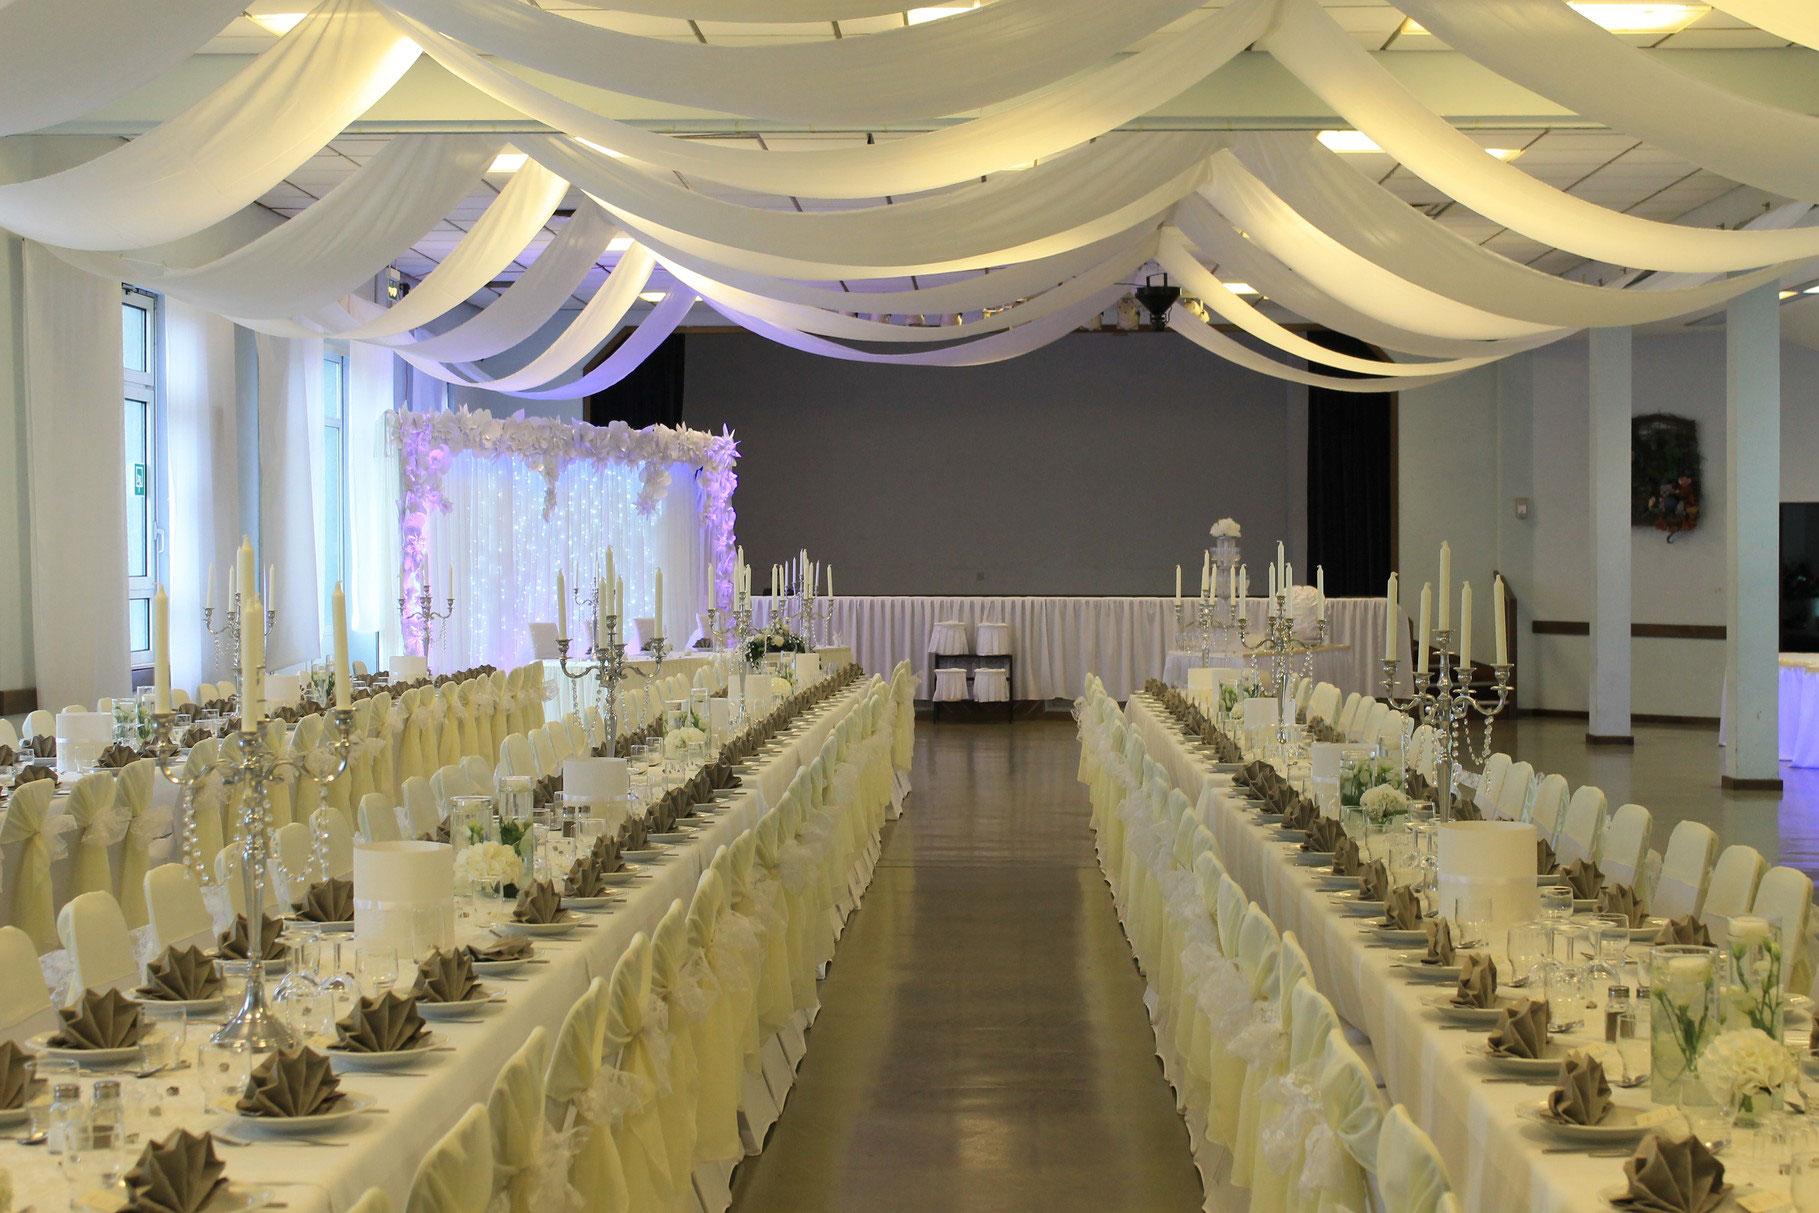 Decken dekoration wir gestalten momente - Decken dekoration ...